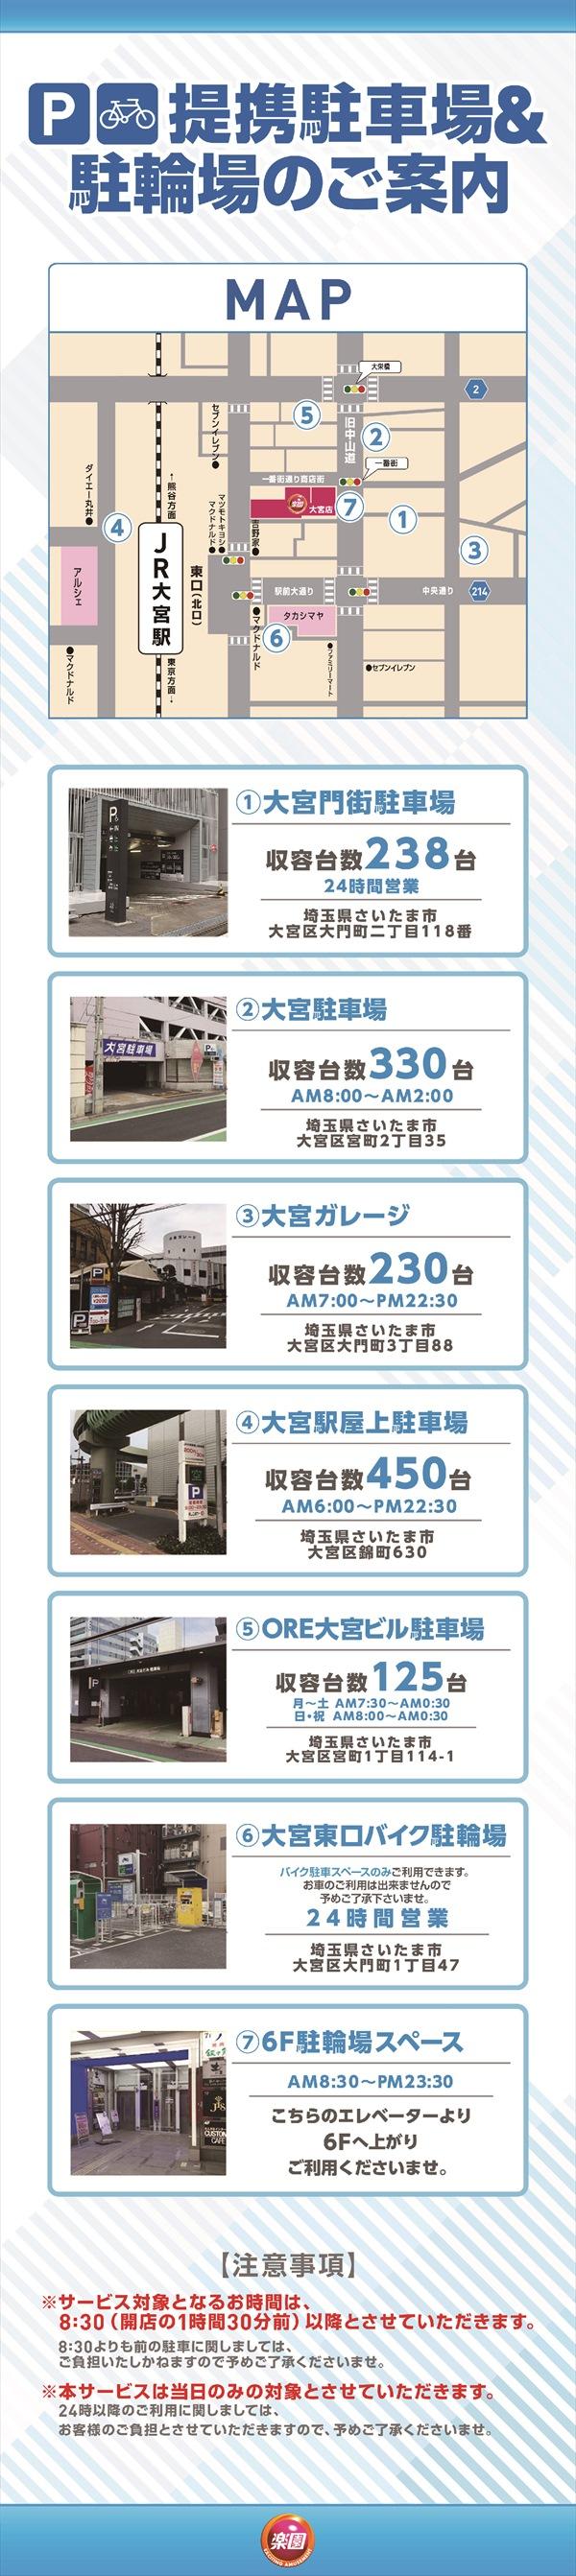 【大宮店様】8月4日番長リフレッシュ案内ポスター